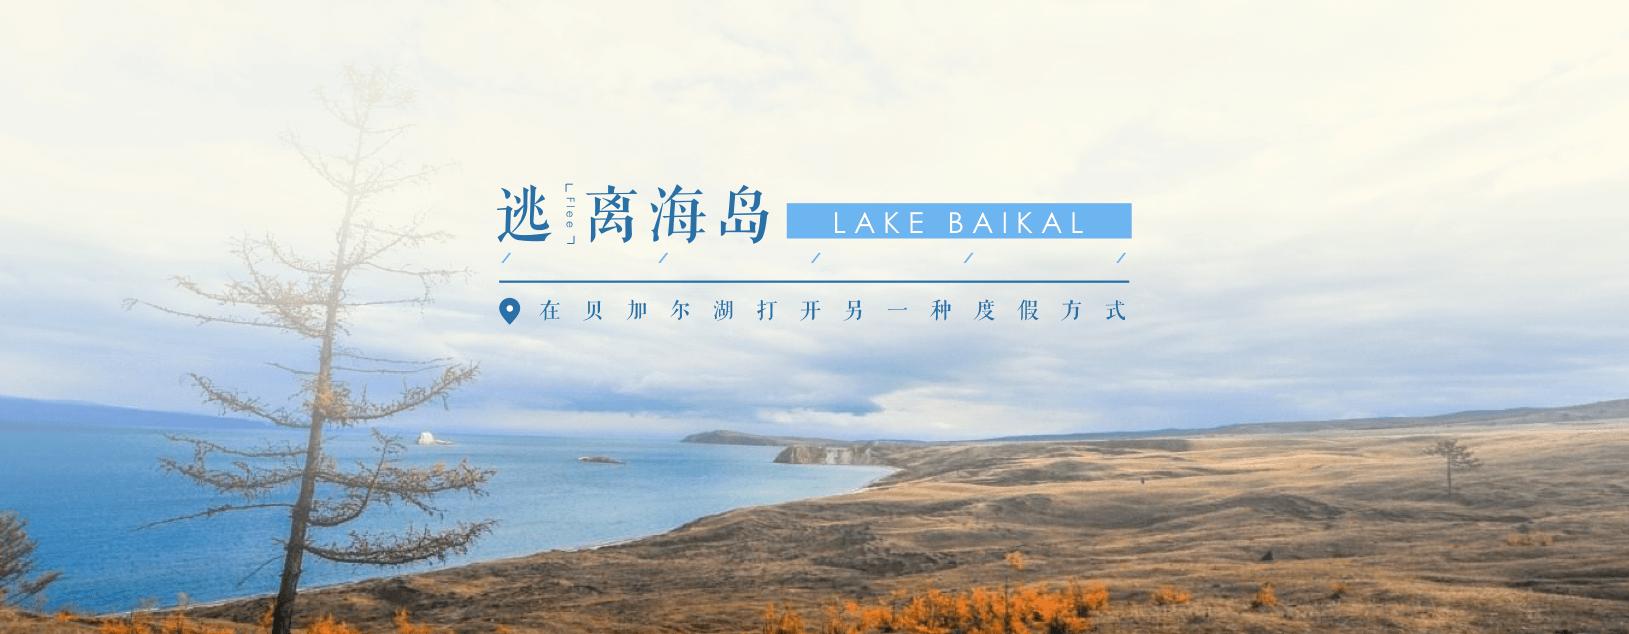 逃离海岛,在贝加尔湖打开另一种度假方式